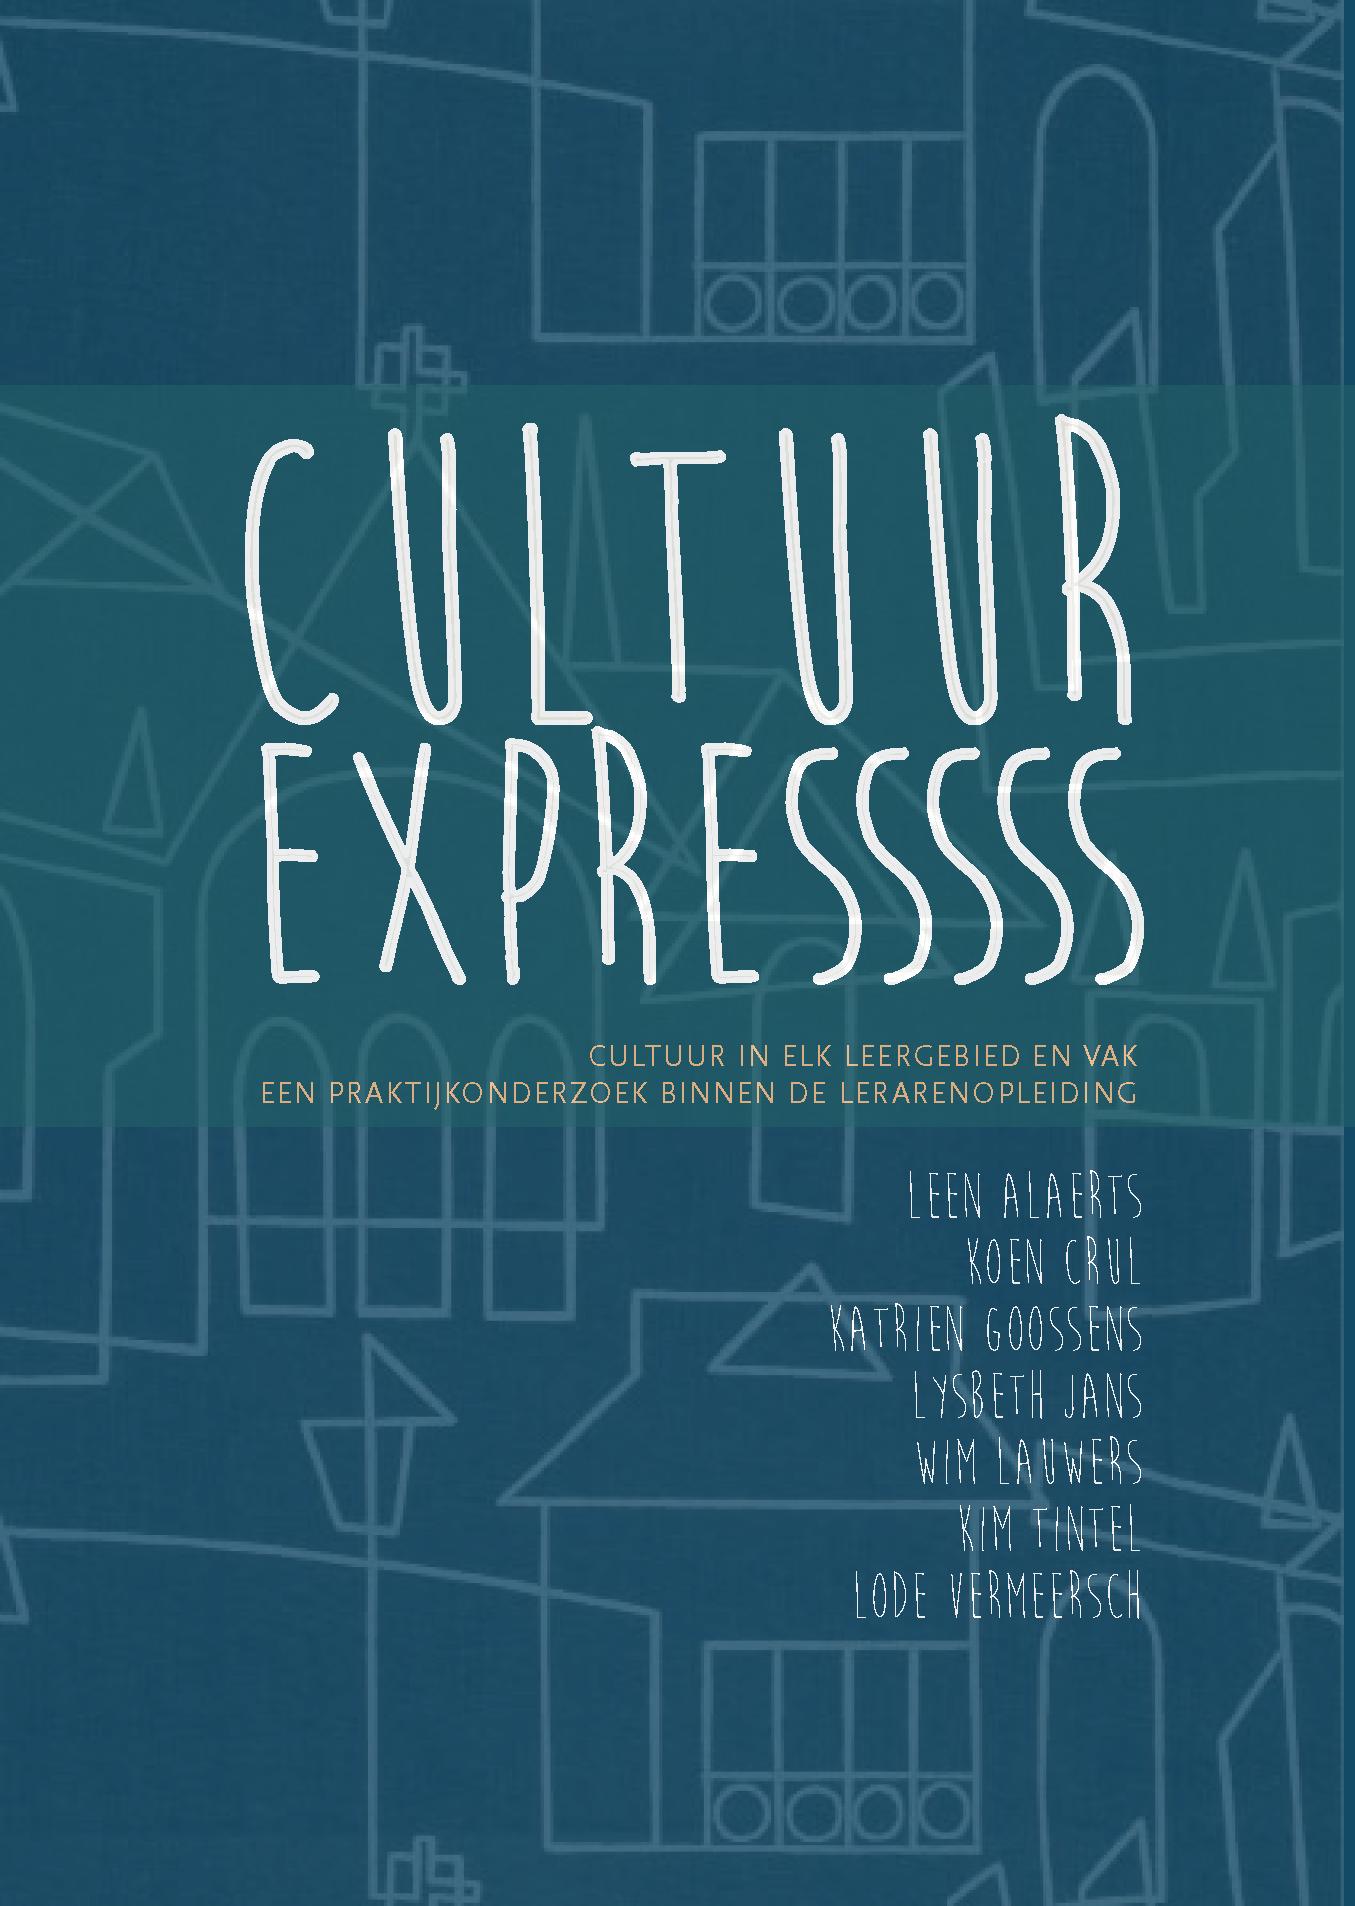 Cultuurexpresss